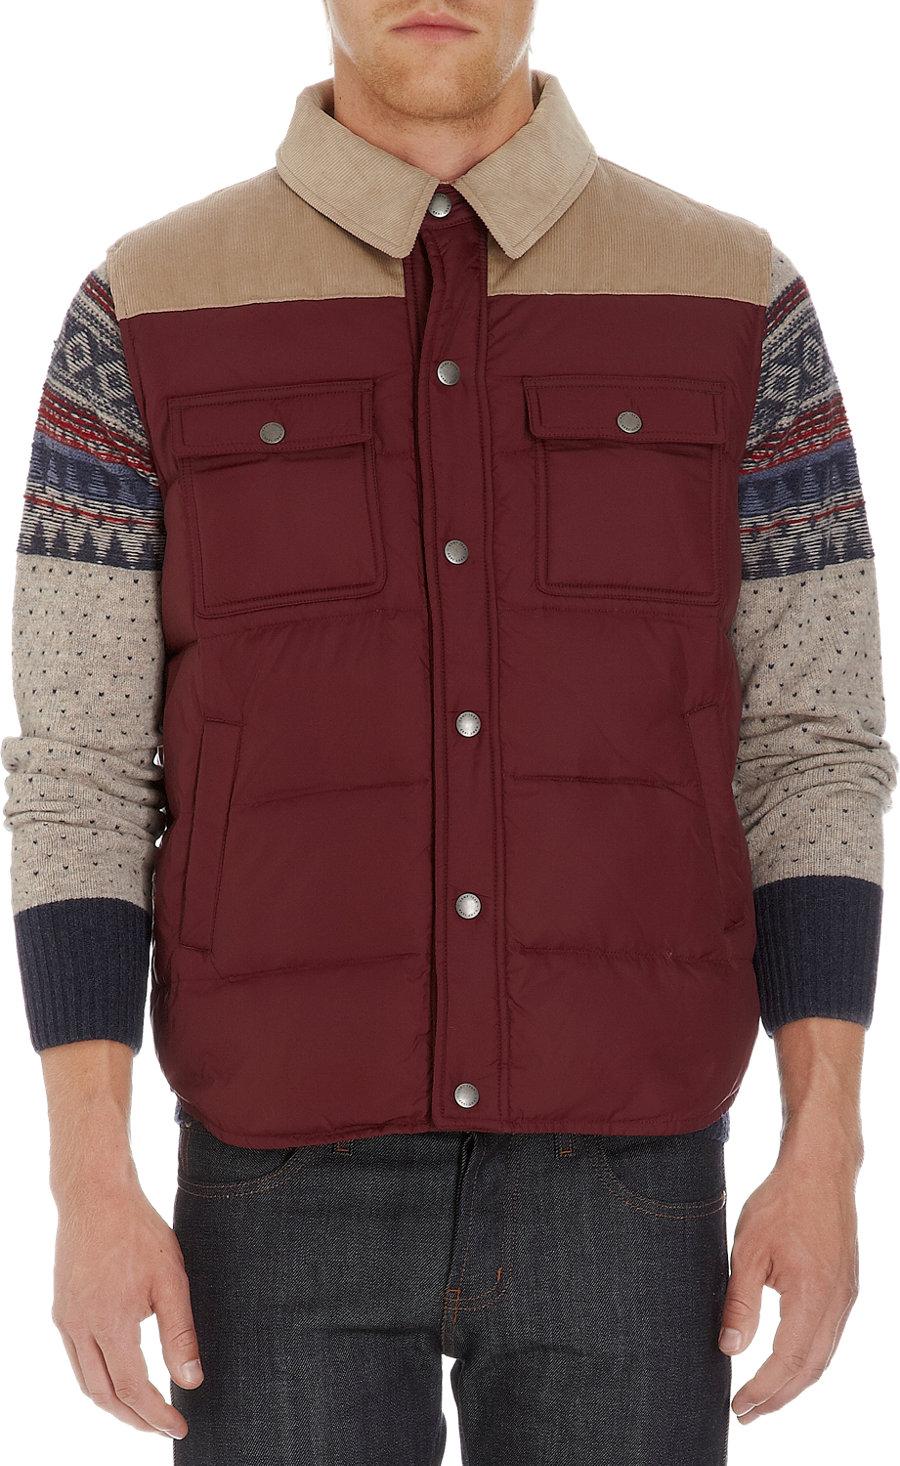 GANT Corduroy Yoke Puffer Vest in Red for Men - Lyst